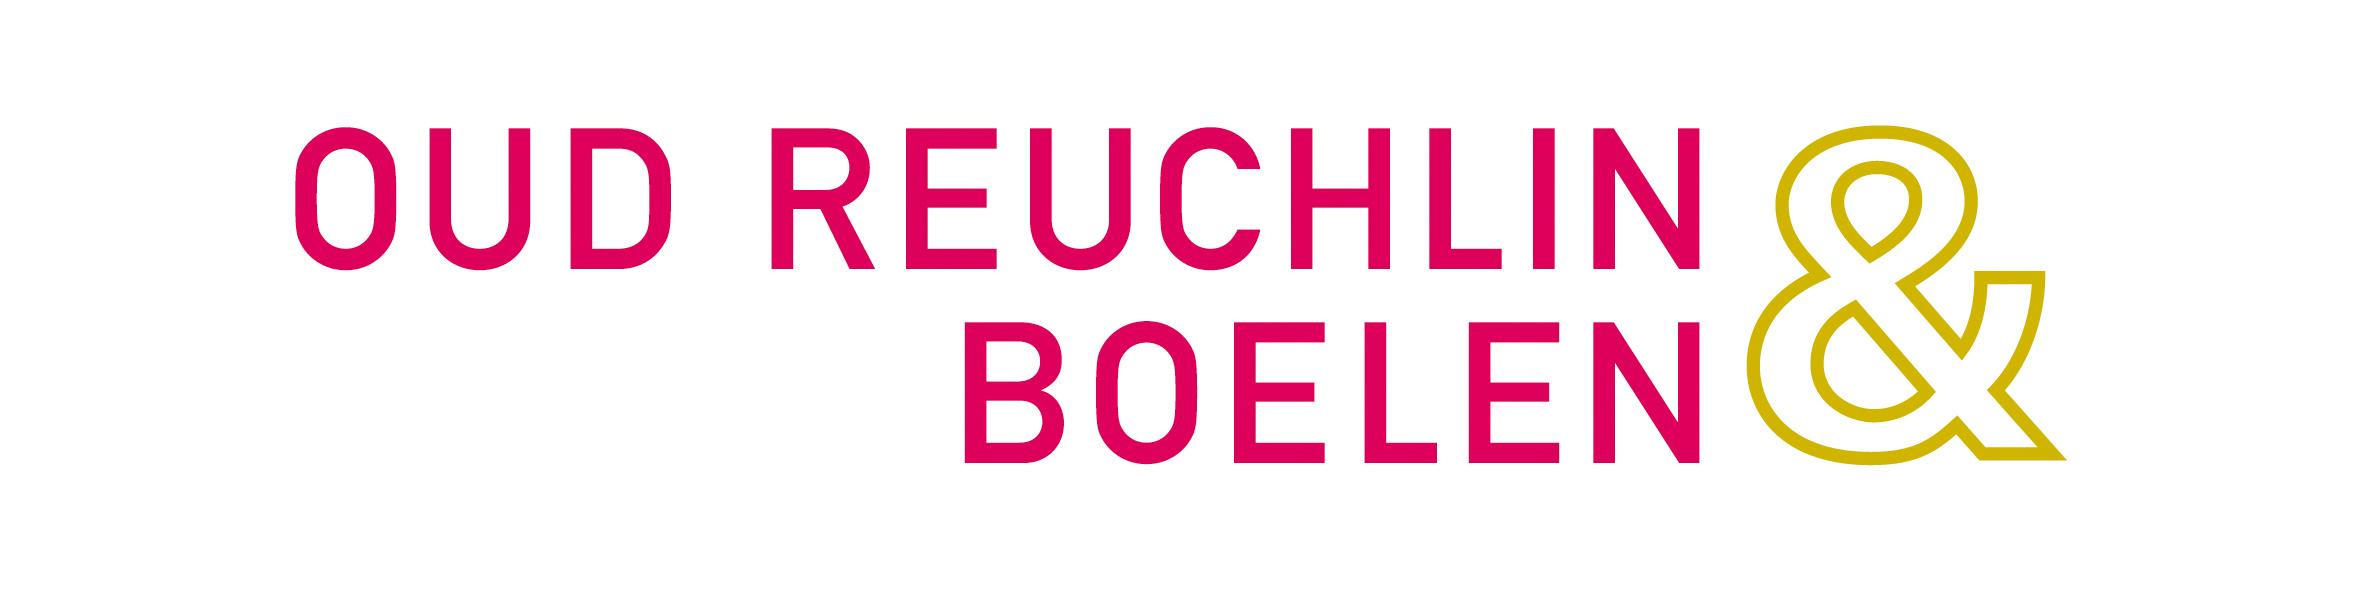 Oud Reuchlin & Boelen Wijnimporteur